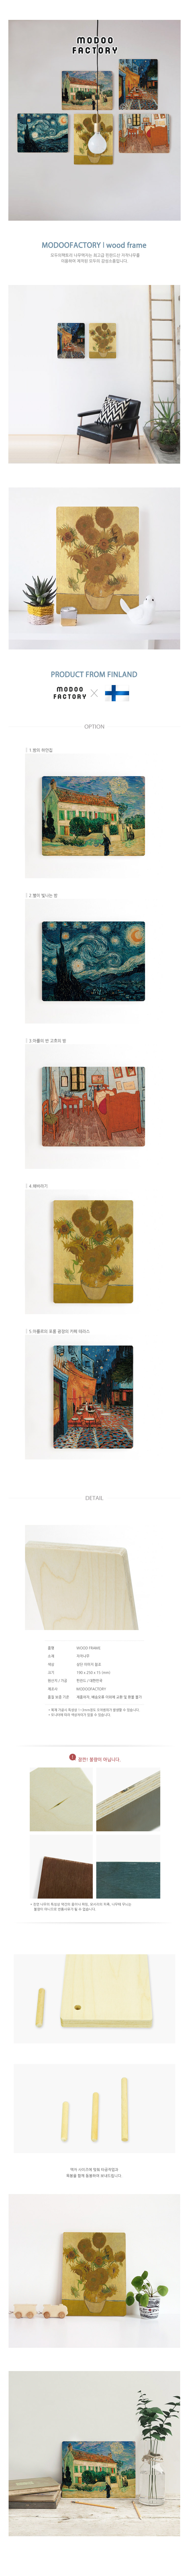 반고후 우드액자 5종 직사각형 19 x 25cm  두께 15mm - 모두의 팩토리, 16,000원, 액자, 심플액자